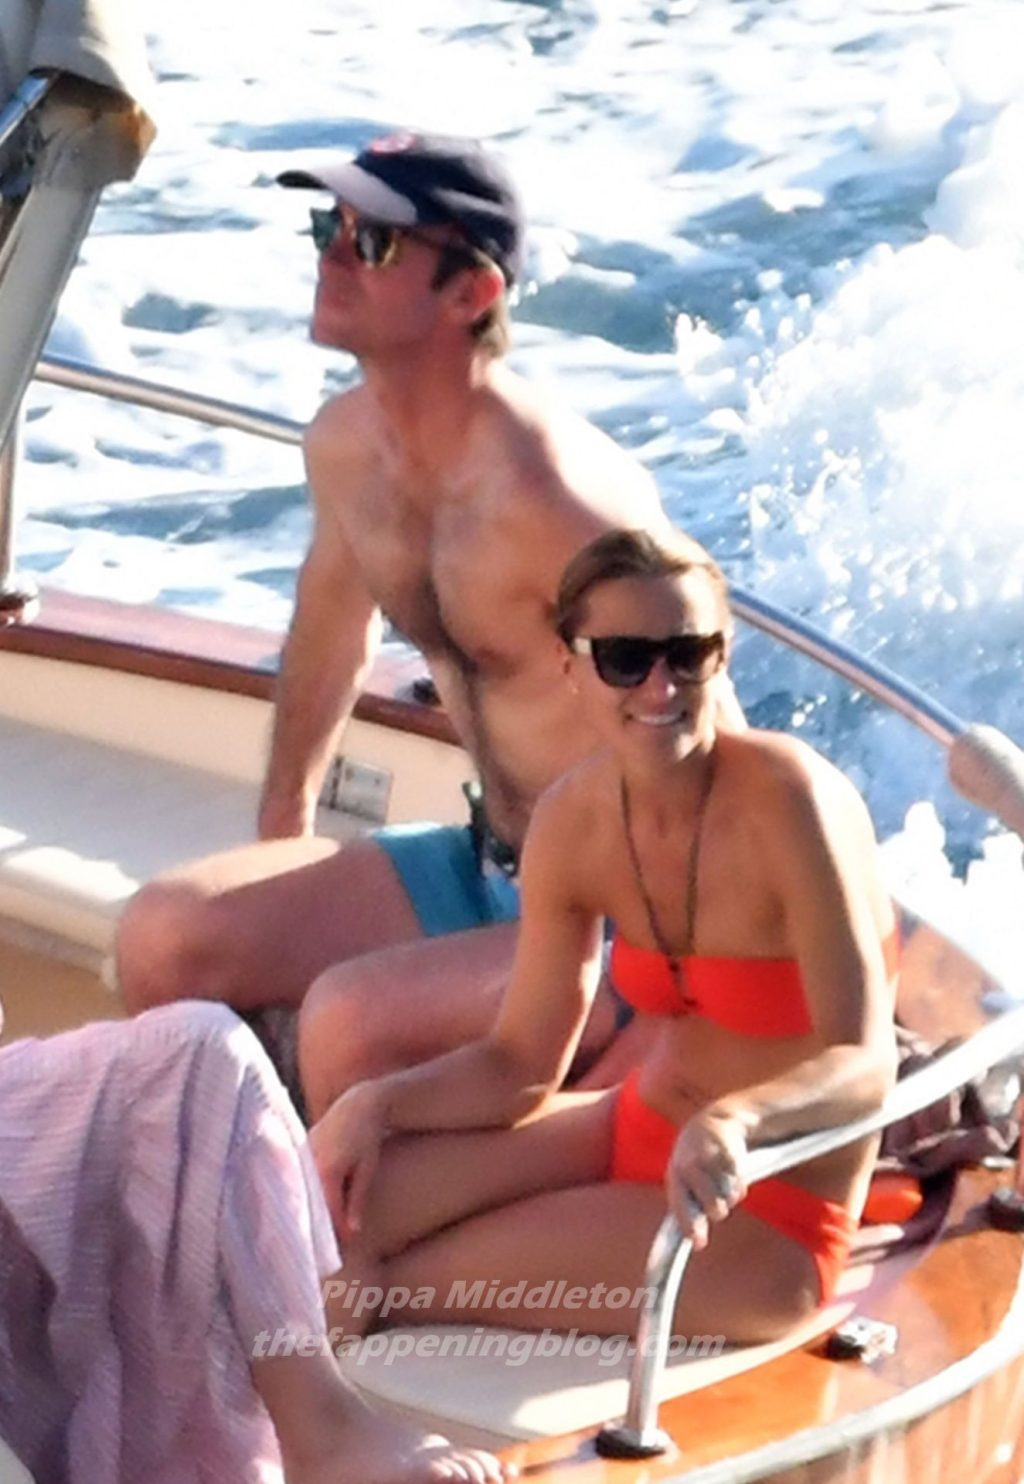 Pippa Middleton & James Matthews Enjoy Their Holiday in Positano (12 Photos)